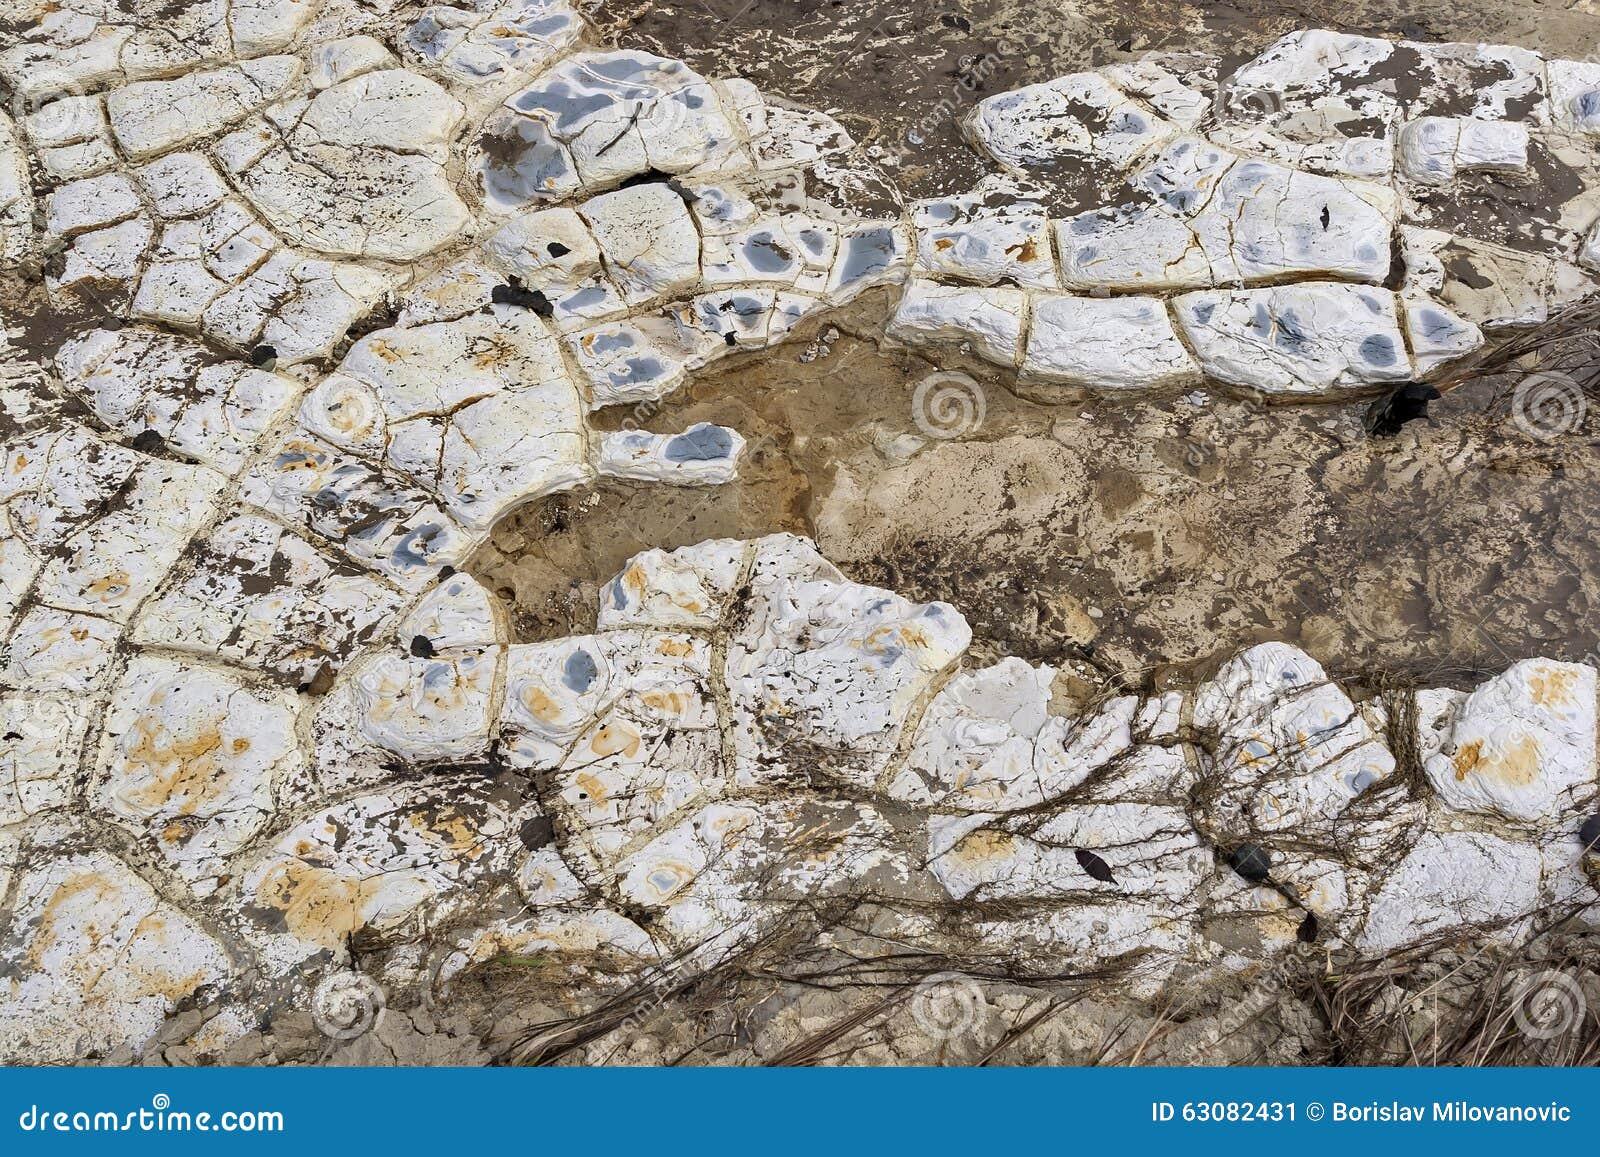 Download BorskaReka10 image stock. Image du écosystème, pollution - 63082431